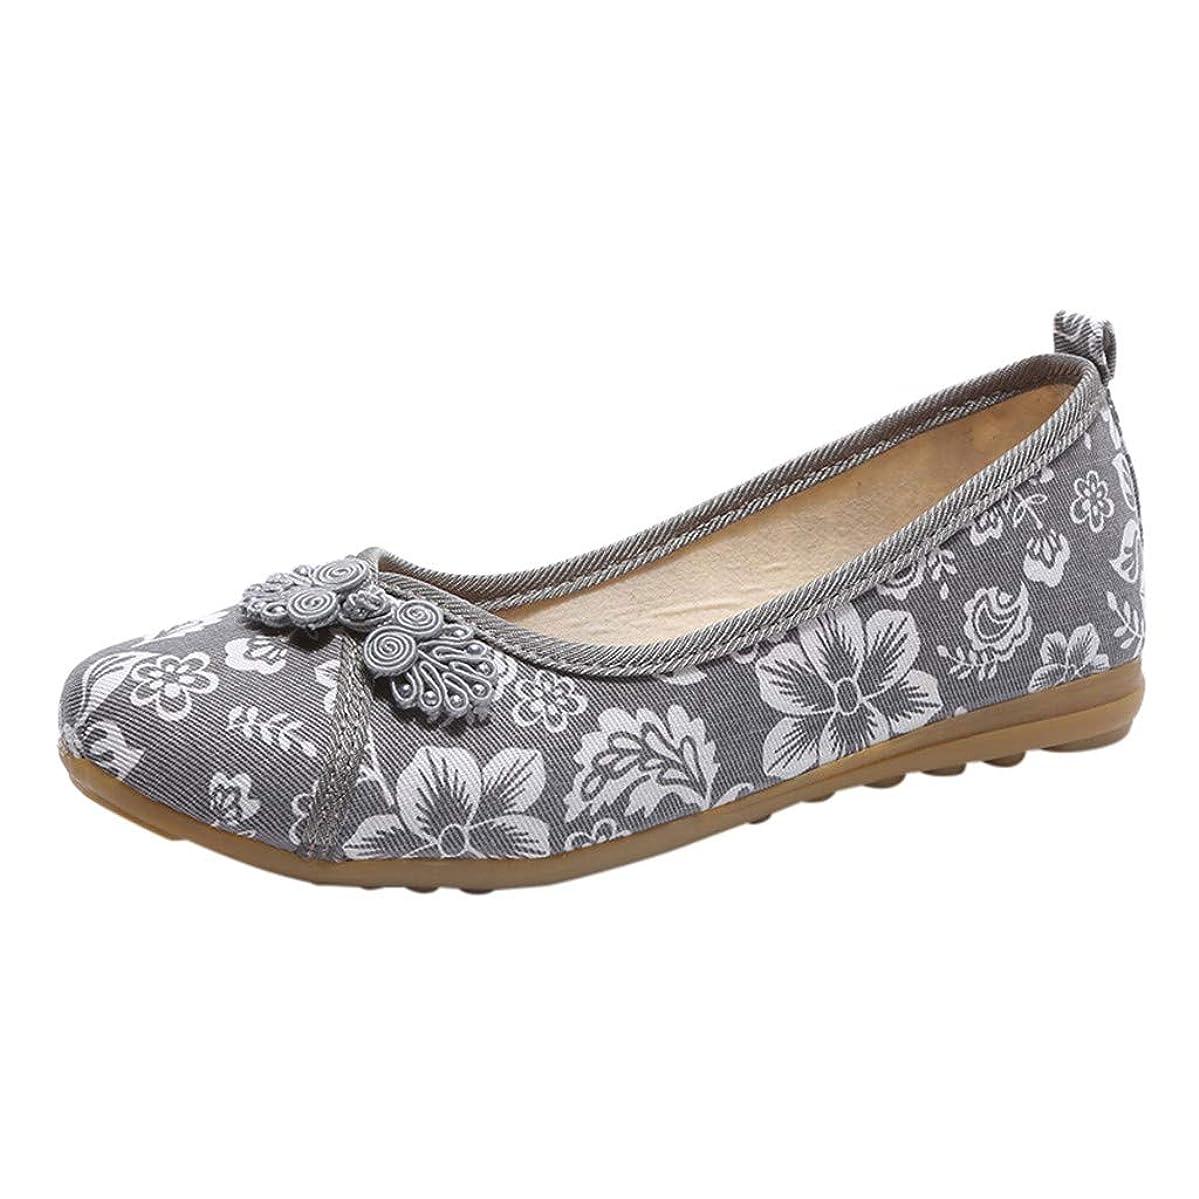 保護する示す避けられないレディース カジュアル キャンバスシューズ Hodarey フラットシューズ 女性用 ローファー 花柄 大きいサイズ レトロスタイル 怠惰な靴 快適 滑り止め エンドウ豆の靴 歩きやすい 母の靴 婦人靴 人気 レディース シューズ 普段着